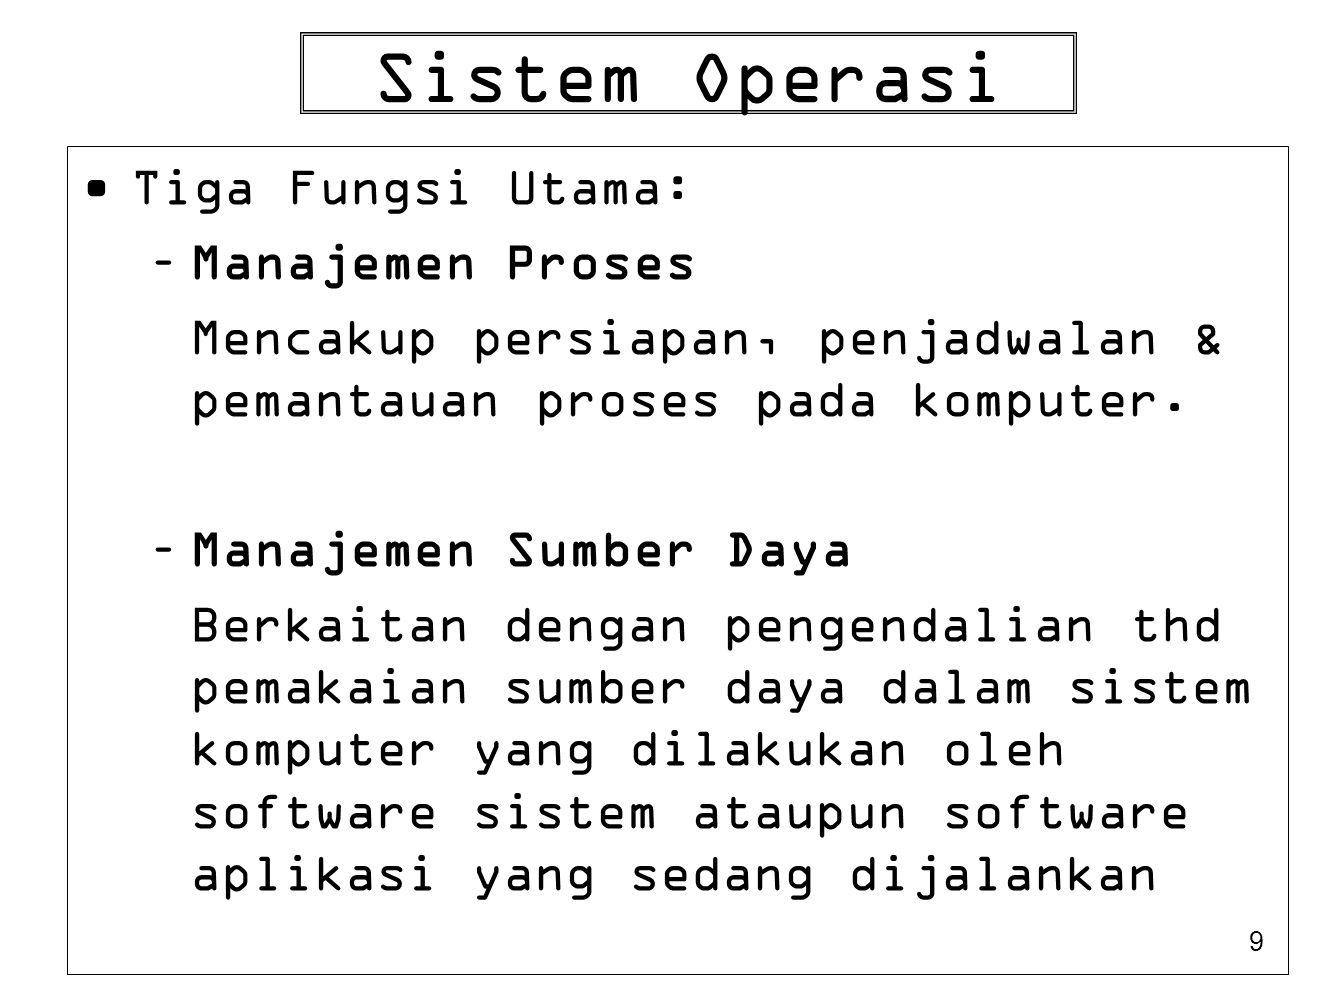 Sistem Operasi Tiga Fungsi Utama: Manajemen Proses